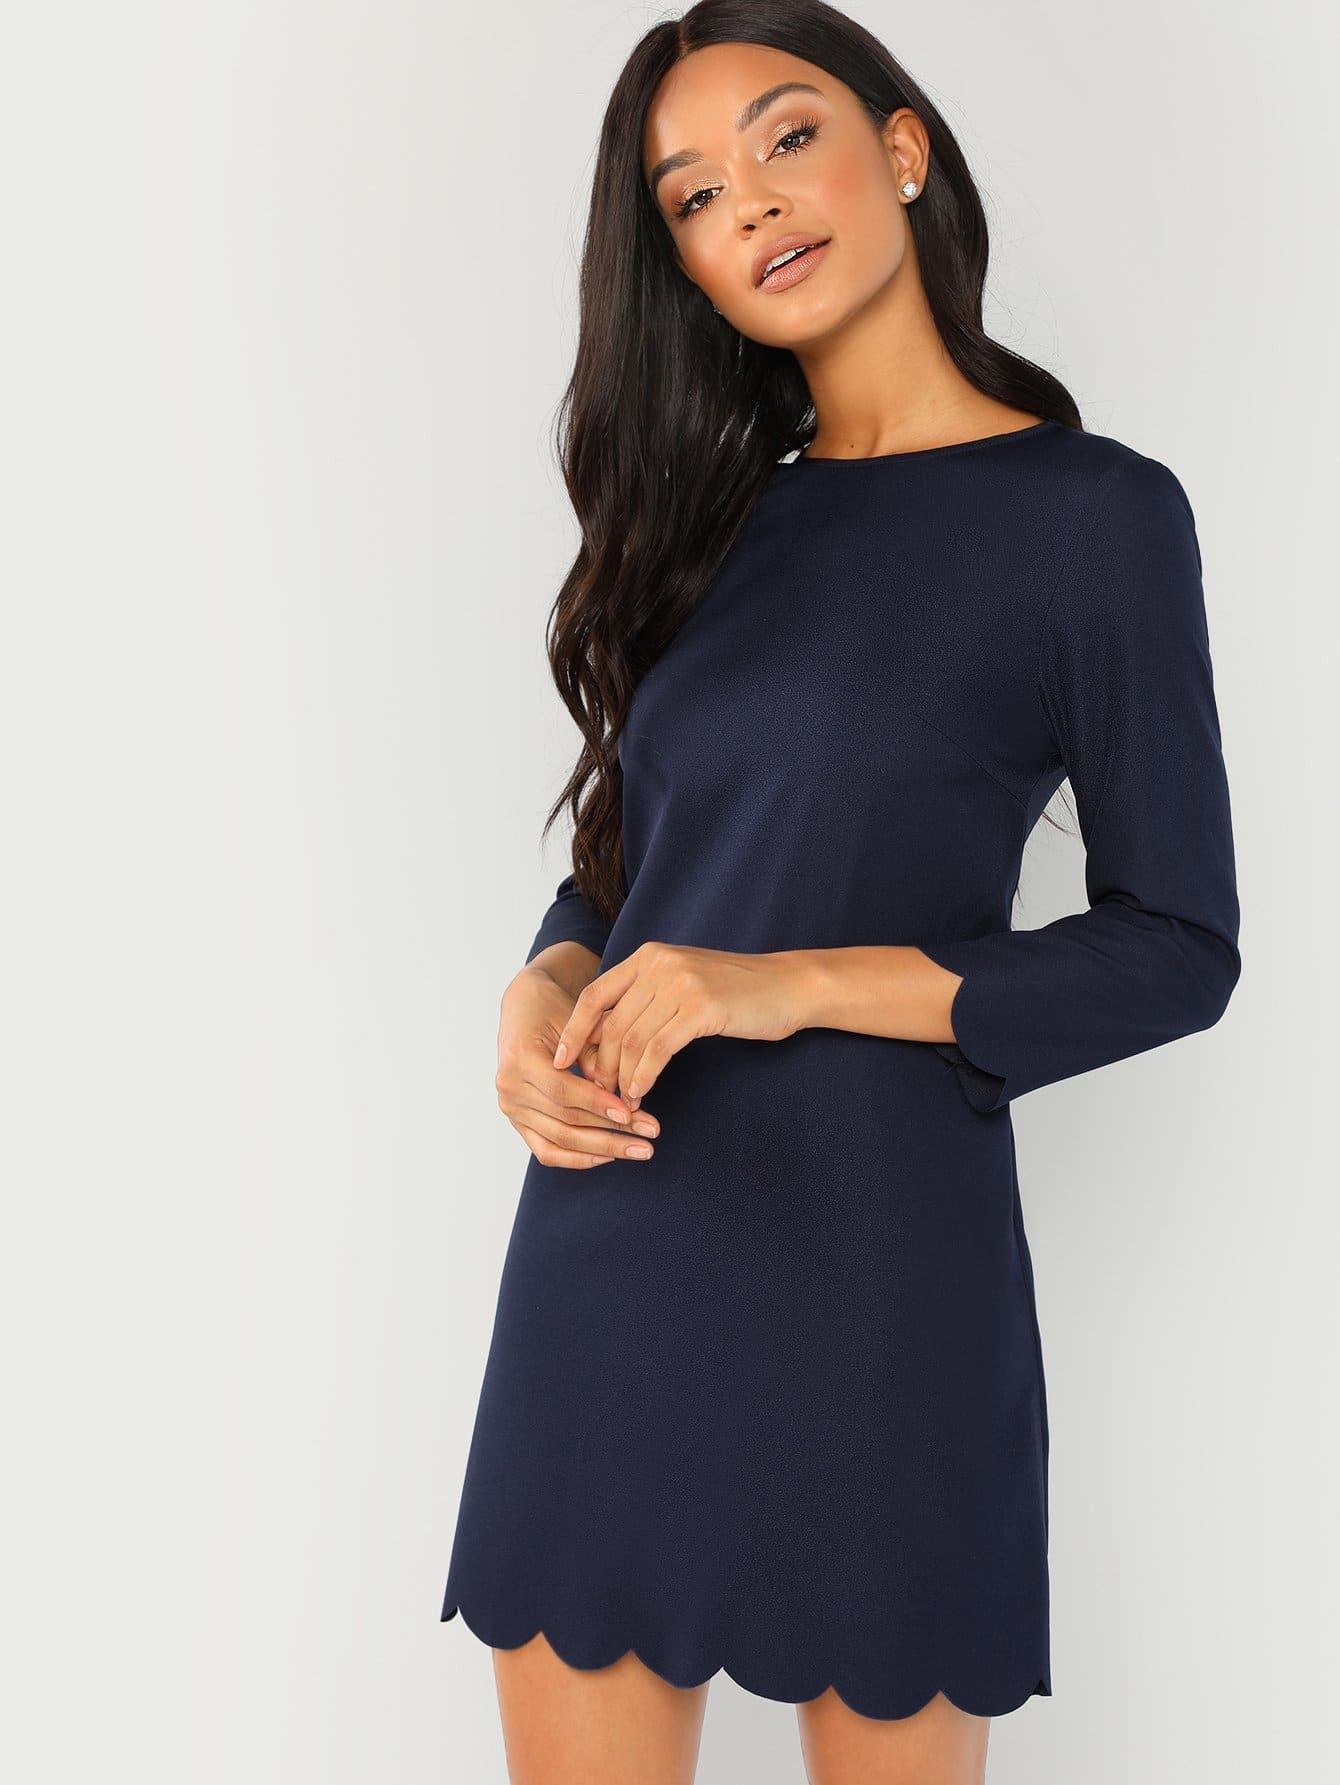 Купить Туника платье с веерообразной отделкой, Juliette, SheIn